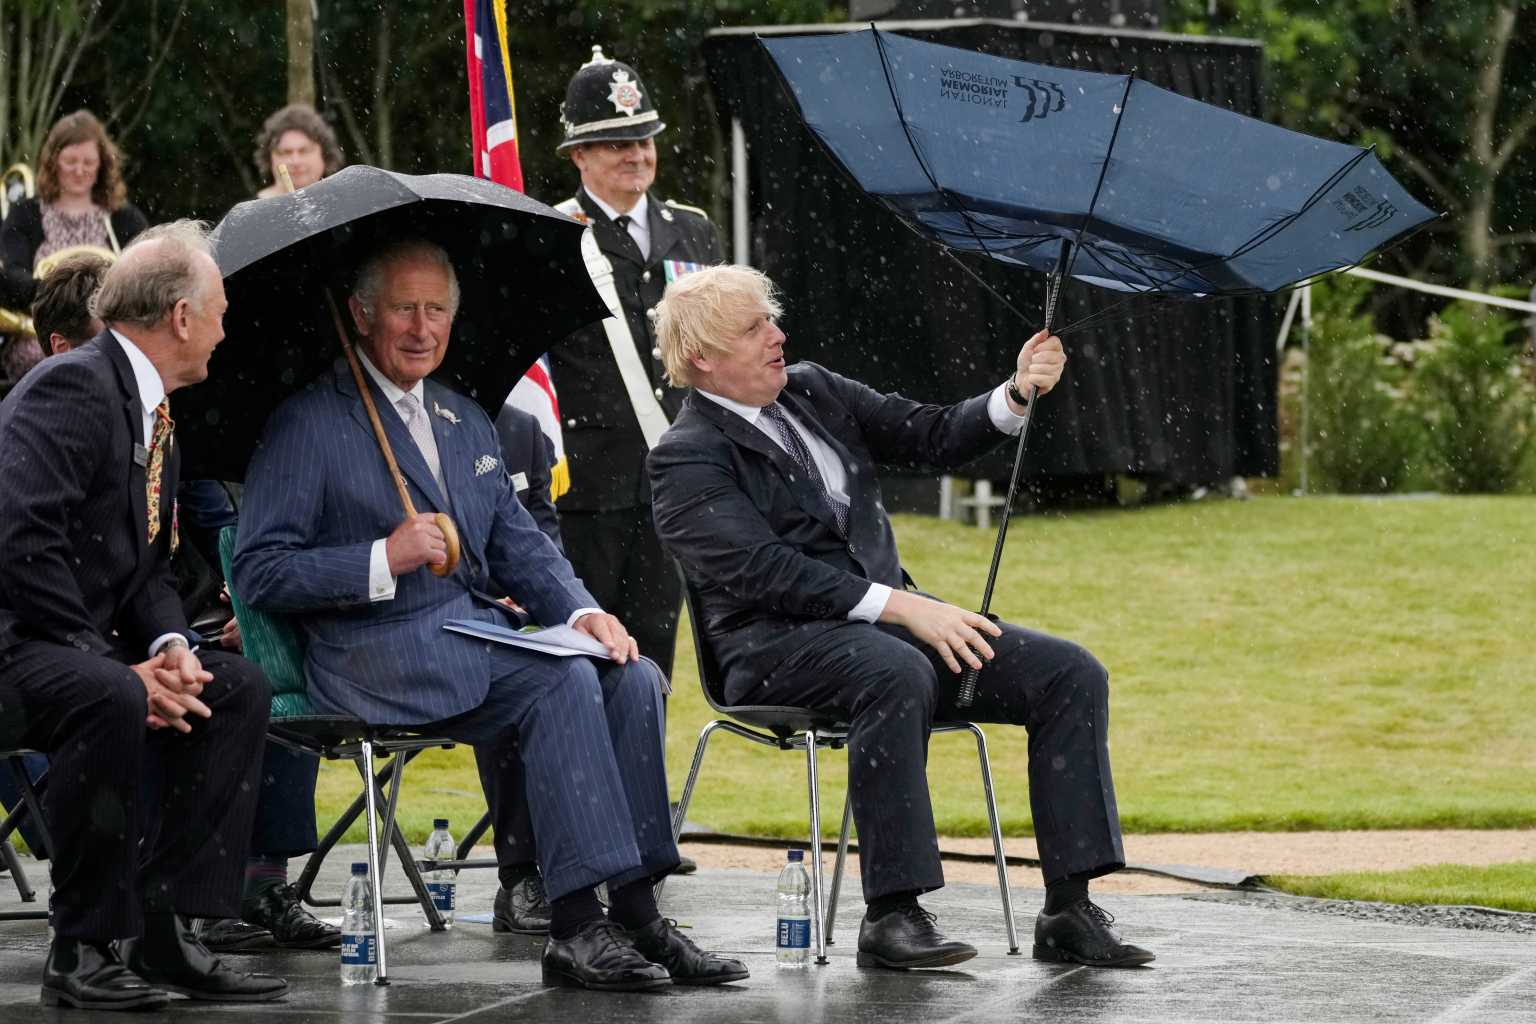 Βίντεο: Η «μάχη» του Μπόρις Τζόνσον με μια ομπρέλα και τα γέλια του πρίγκιπα Καρόλου